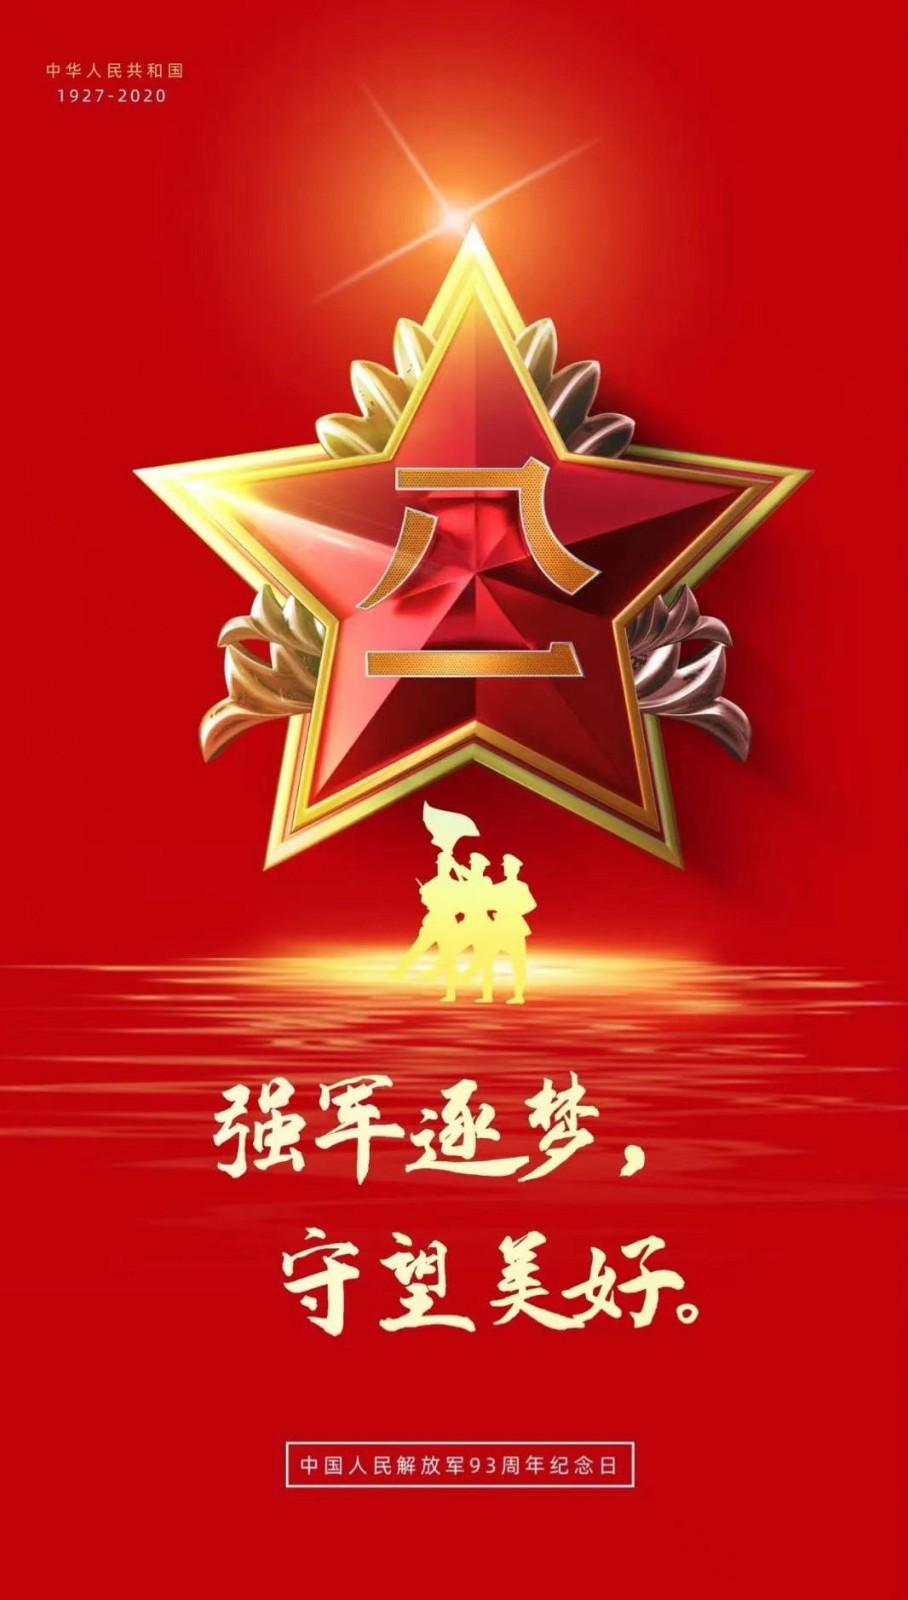 中国人民解放军回乡转业建设军人证明书-李太和_图1-7